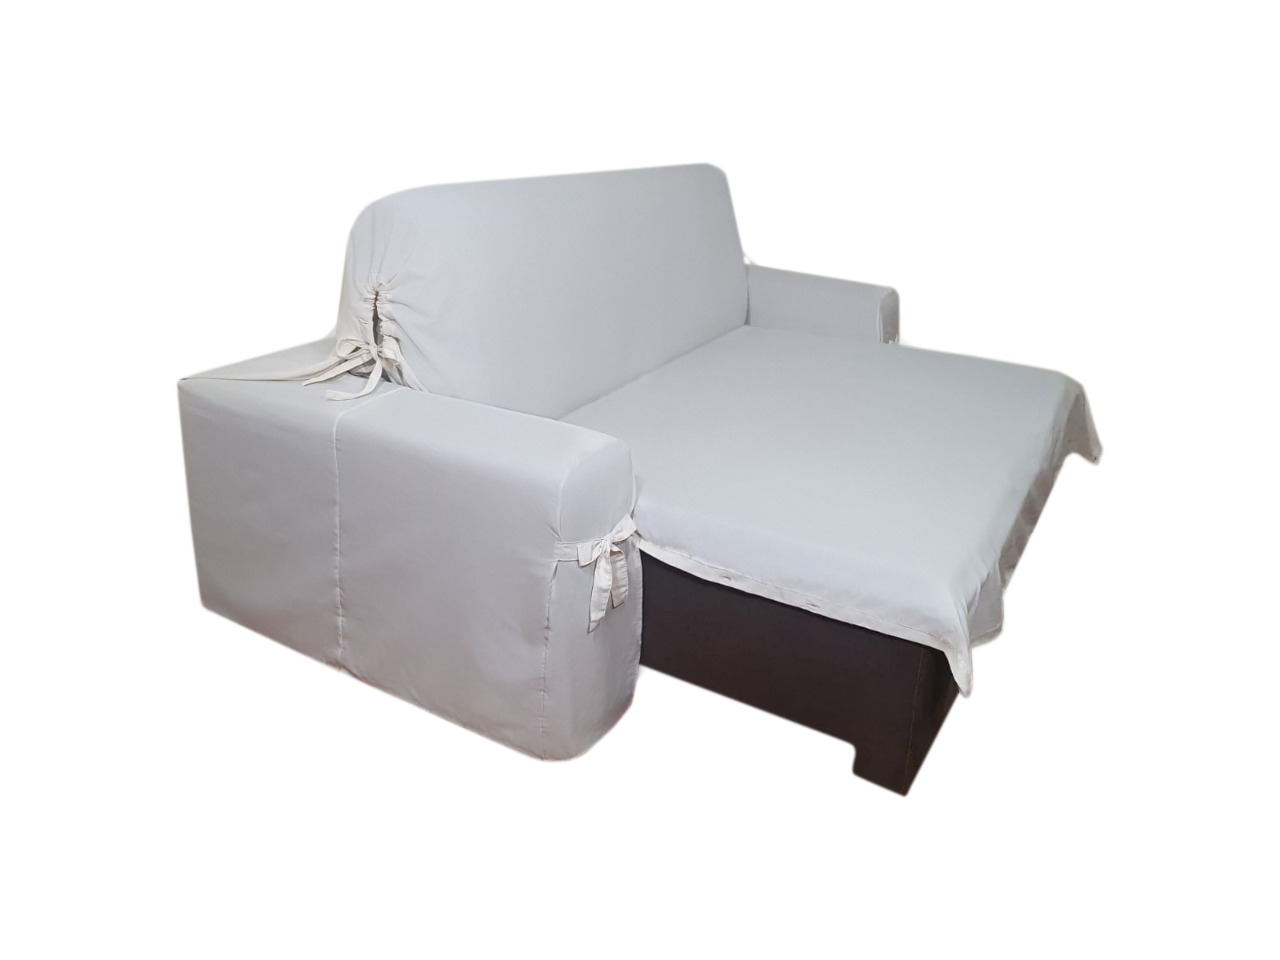 Capa p/ Sofá Retrátil e Reclinável em Acquablock Impermeável CRU - Veste Sofás de 2,96m até 3,25m